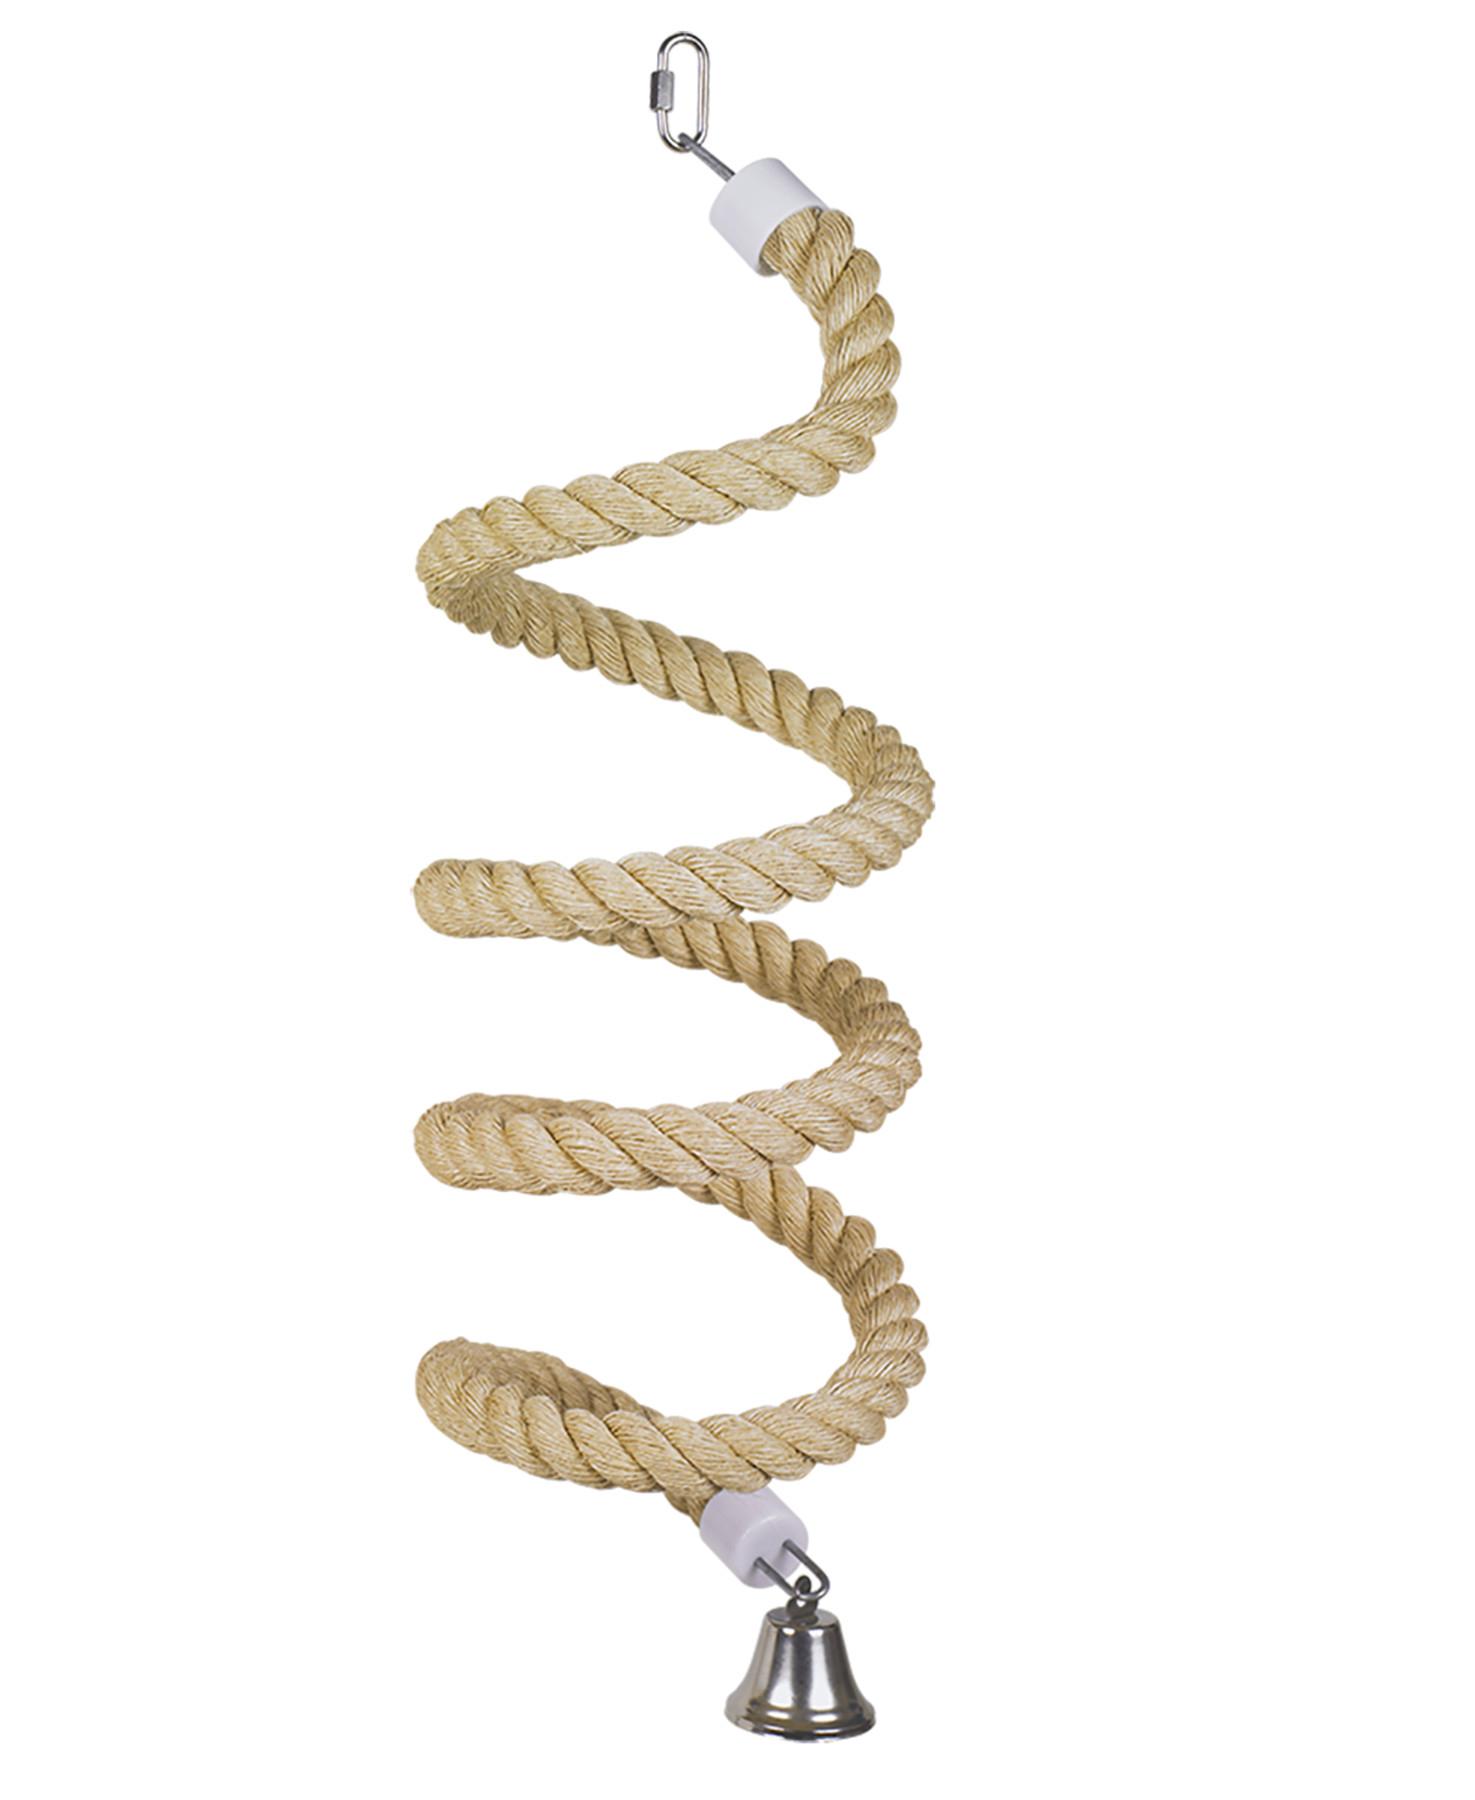 Jouet oiseau sisal corde boing 3,8cm 60cm pour perroquet - Nobby